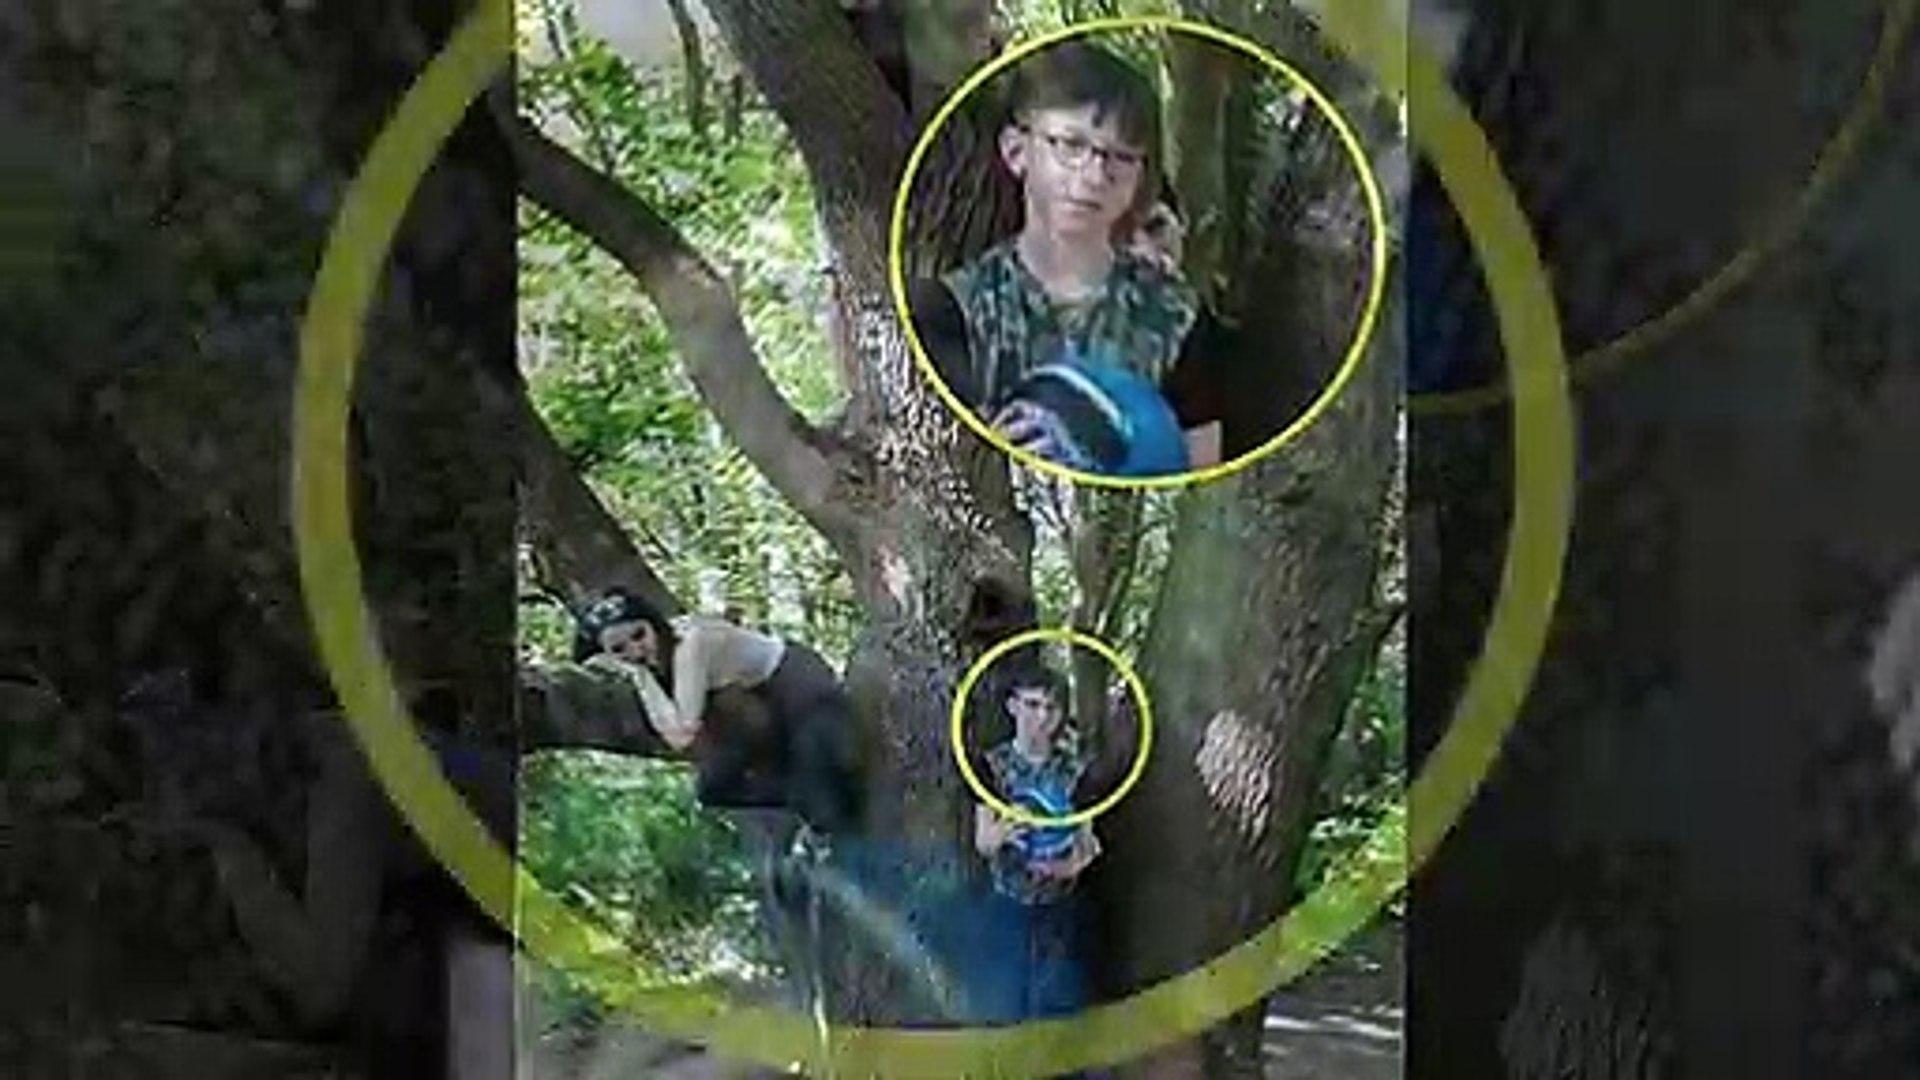 Mẹ chụp ảnh cho con trong rừng, về nhà xem lại tá hỏa thấy có bóng người đứng sau lưng